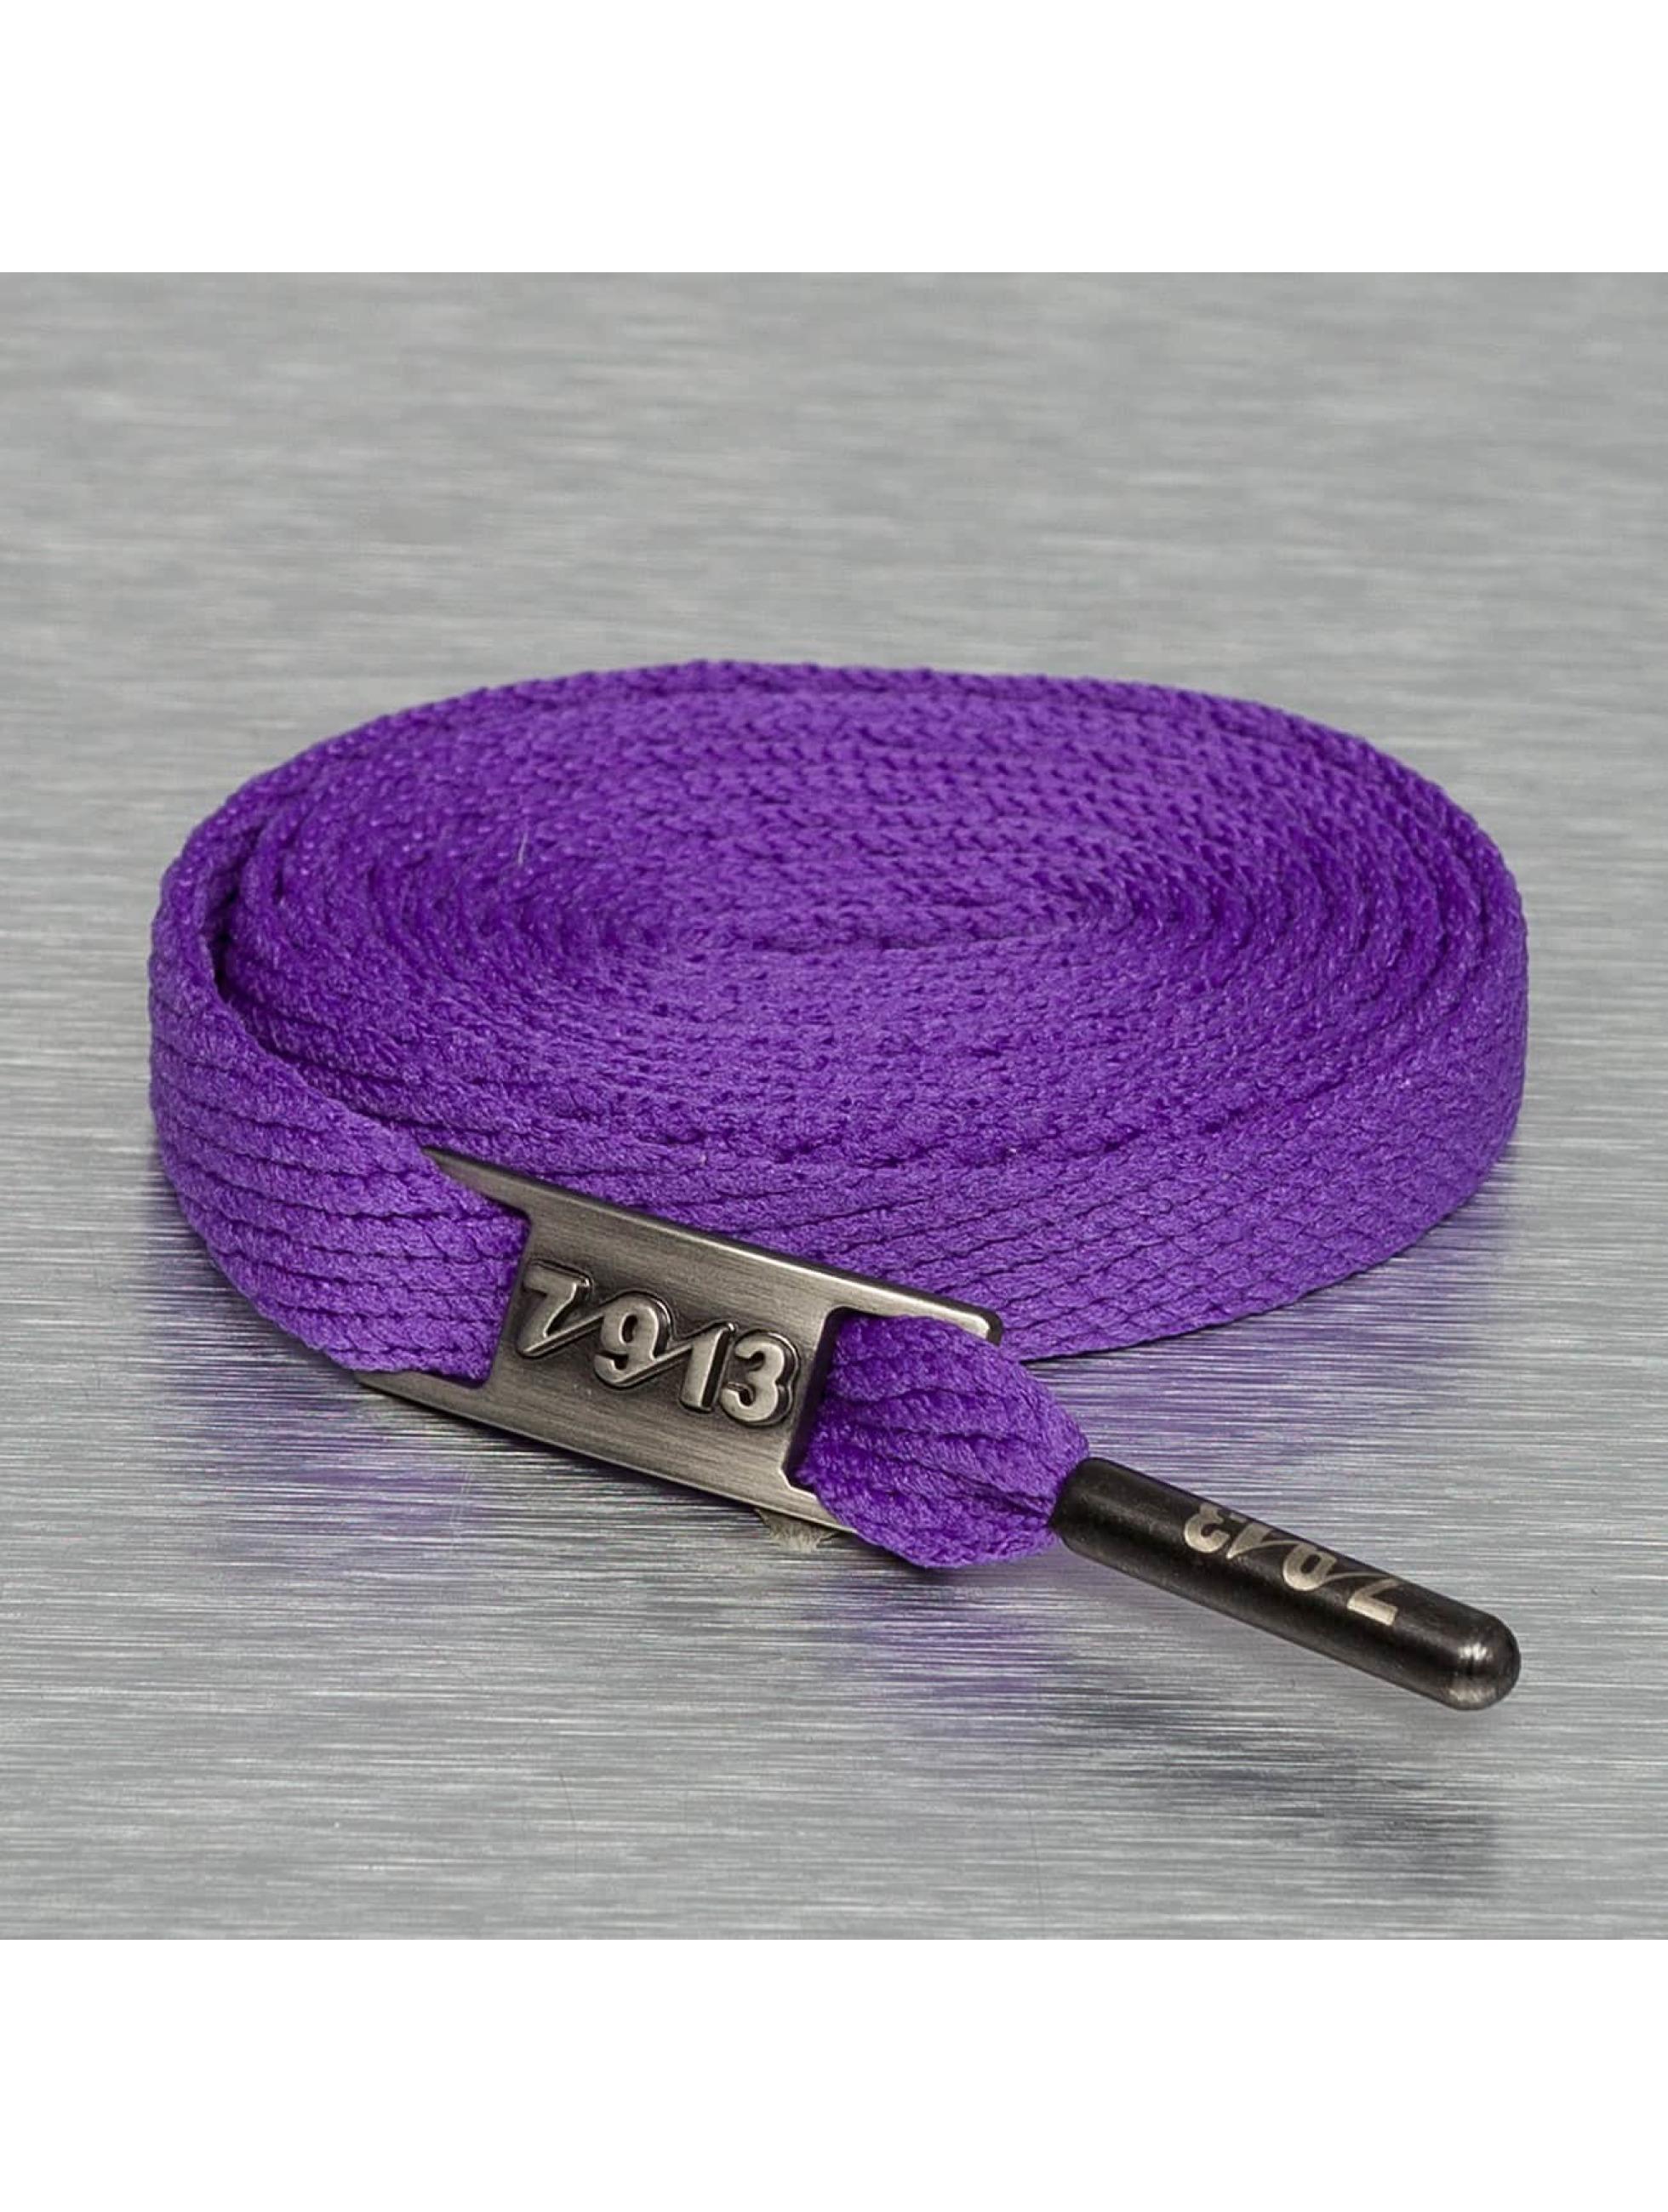 Seven Nine 13 Männer,Frauen Schuhzubehör Full Metal in violet